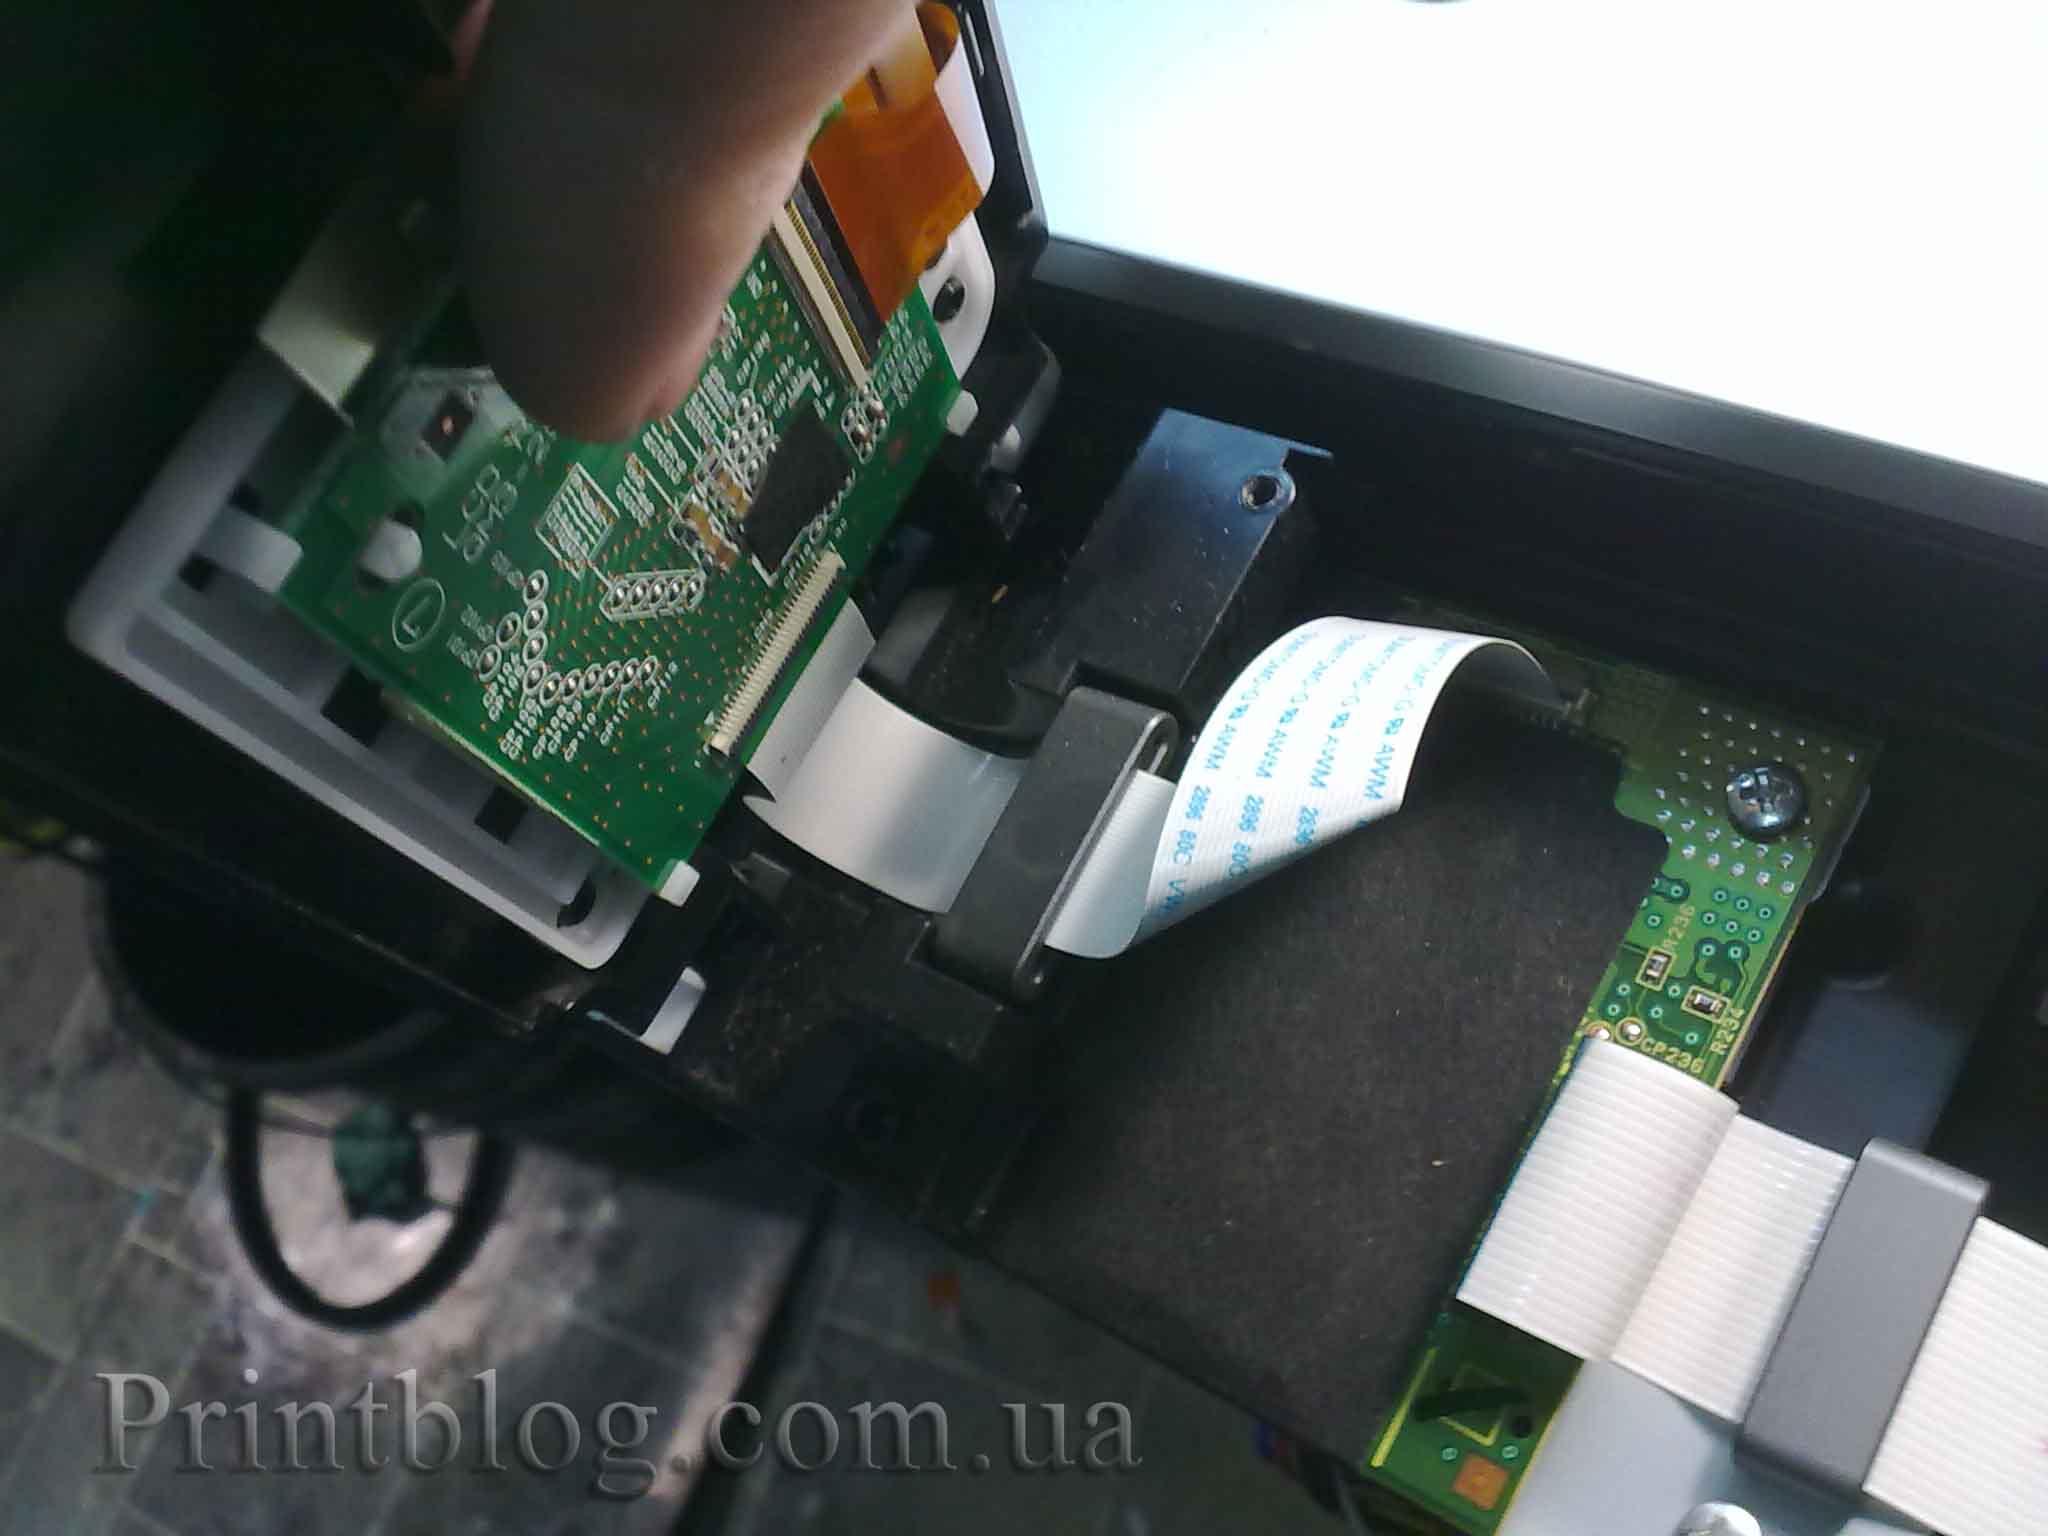 hp designjet 500 ошибка 11 11 инструкция по исправлению на русском